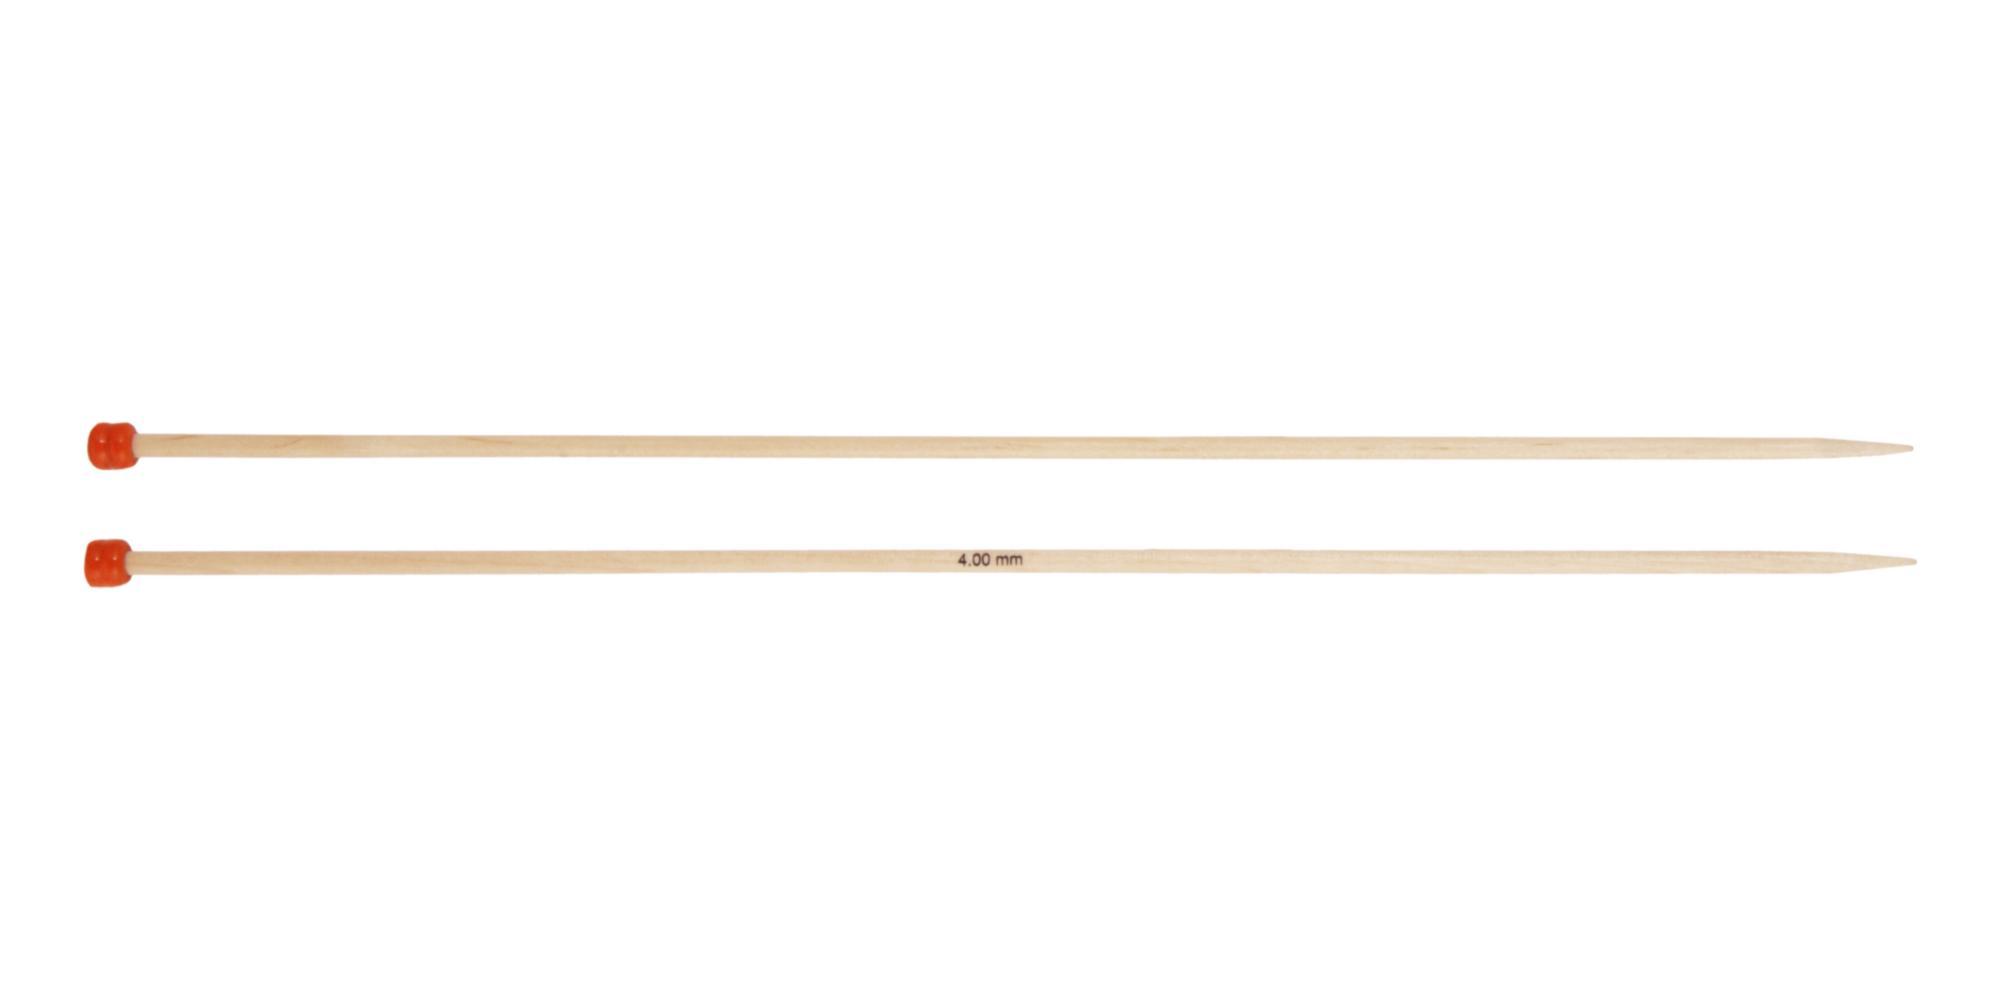 Спицы прямые 40 см Basix Birch Wood KnitPro, 35453, 3.75 мм